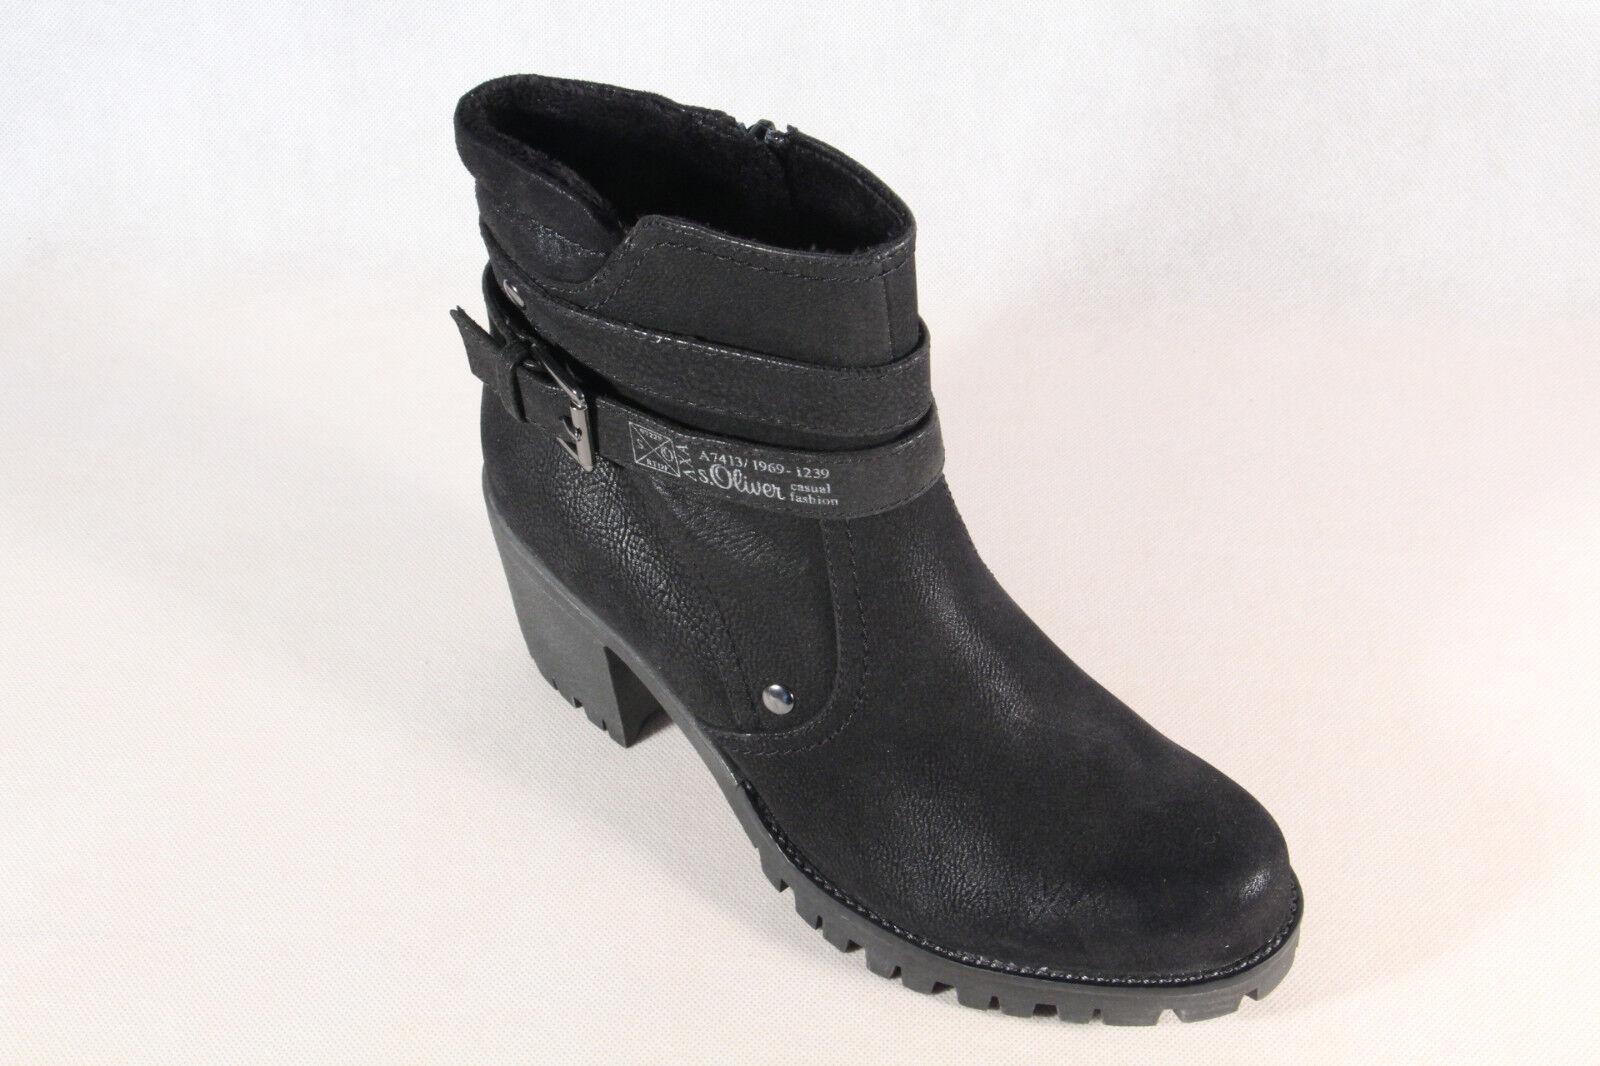 S.OLIVER botas Mujer, Botines, botas botas botas Negro 25426 Nuevo 97c9d9